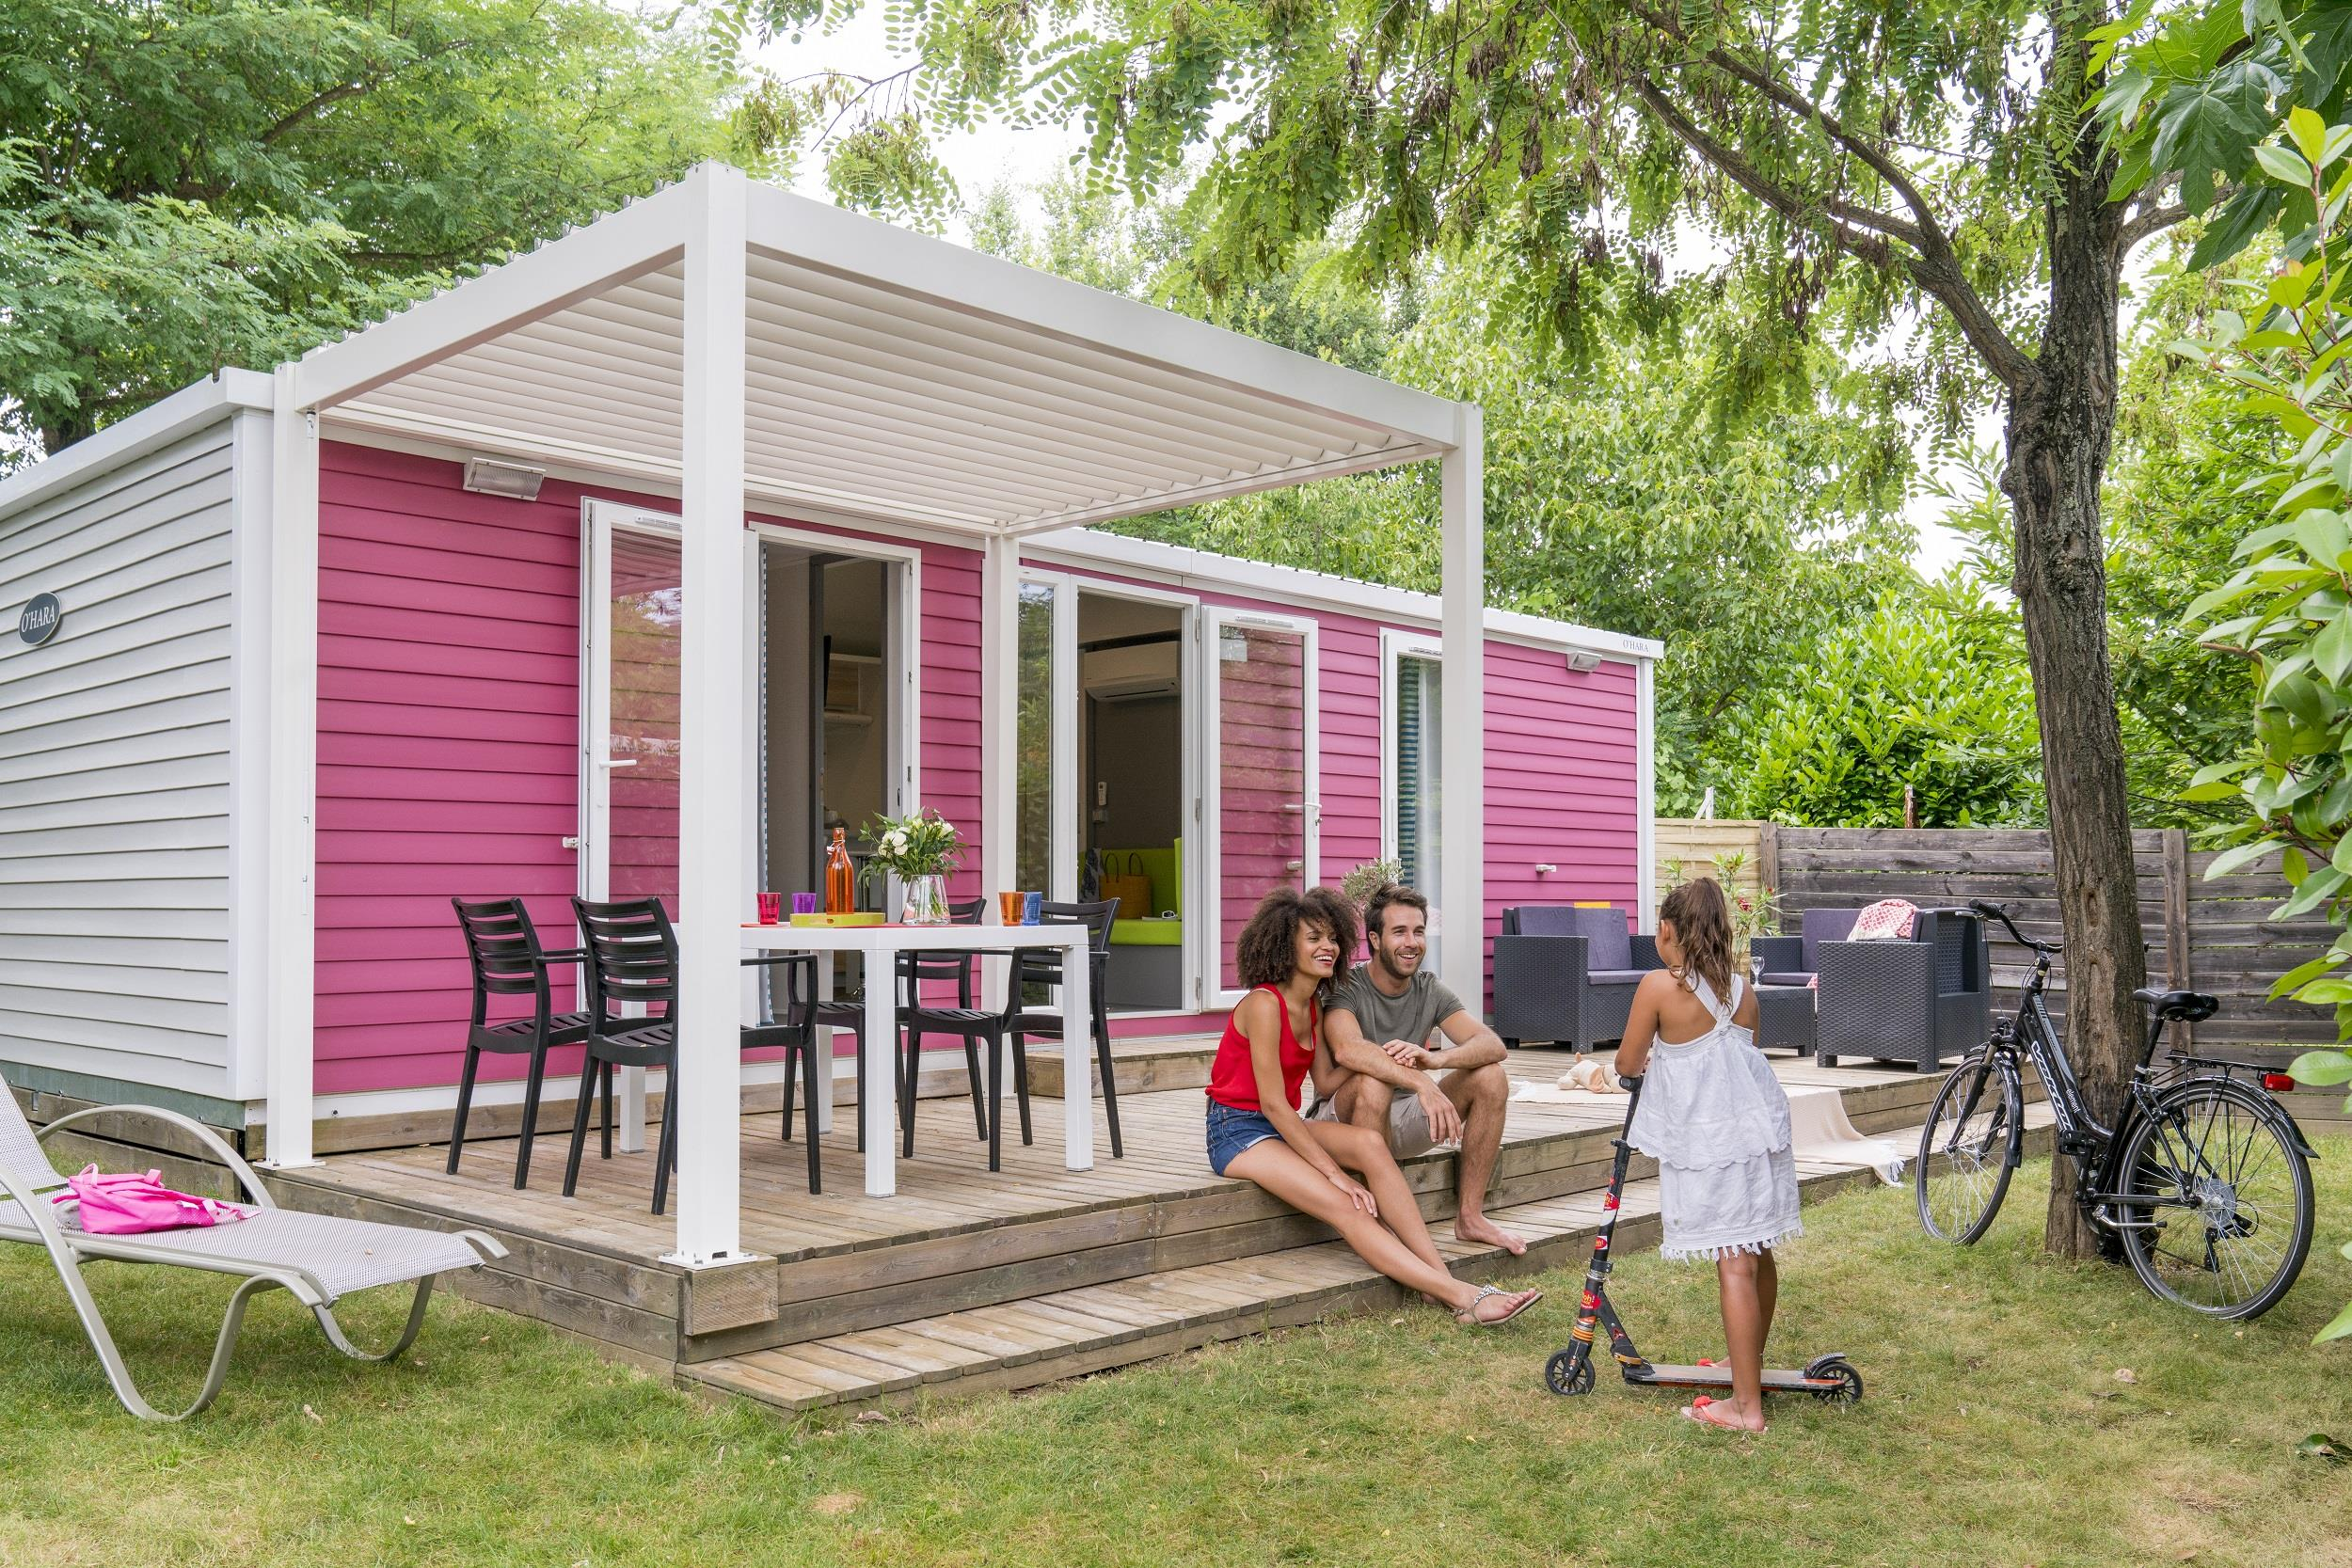 Location - Cottage Premium Burano 2 Chambres / 2 Salles De Bain - 34M² - Climatisé - Tv - Yelloh! Village Soleil Vivarais